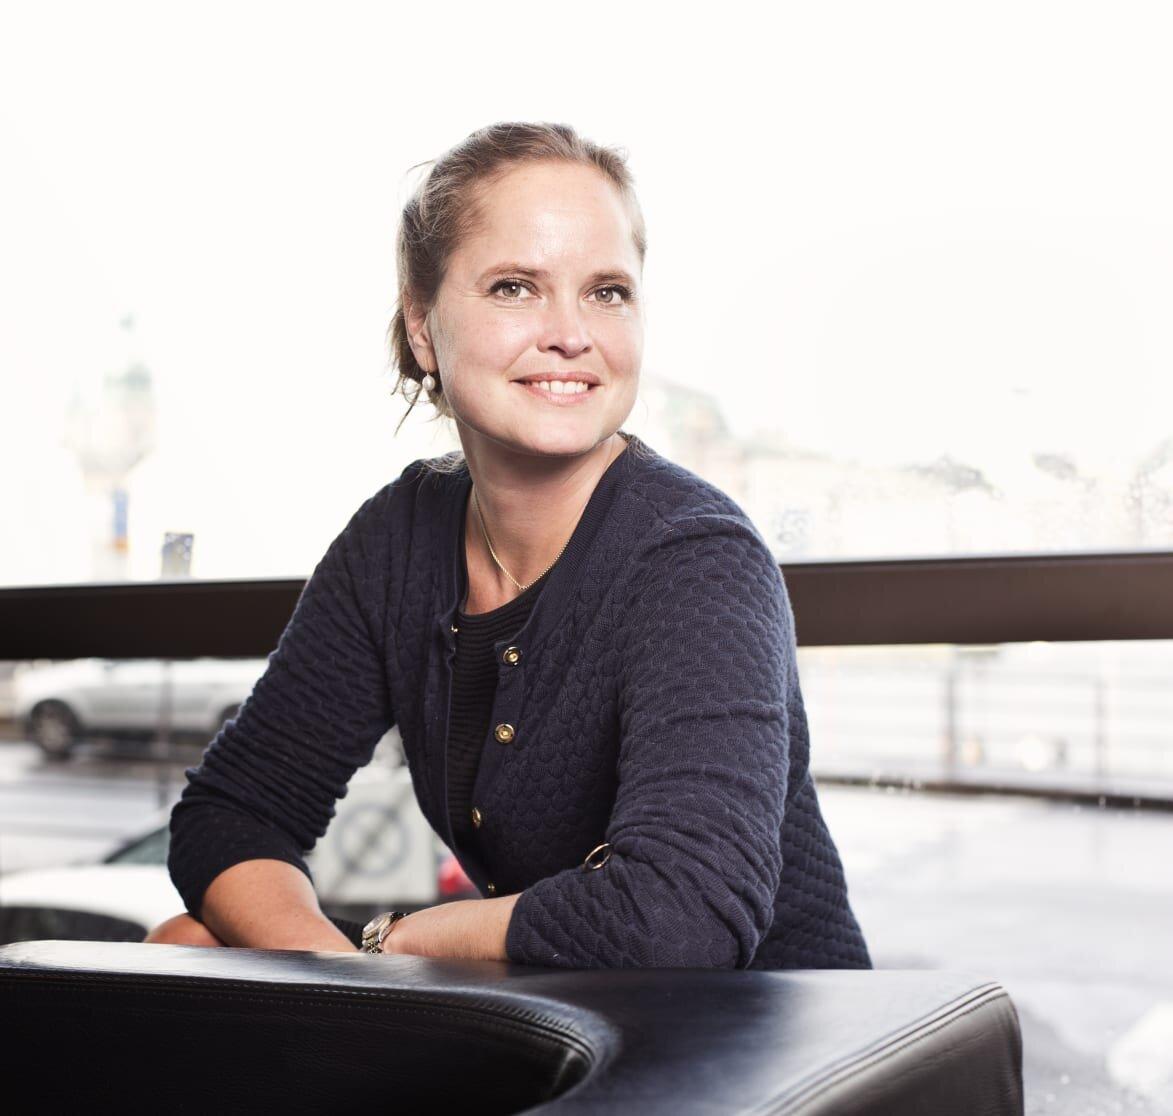 Sofia Ahlmark Hyvärinen, IoT-chef på Telenor